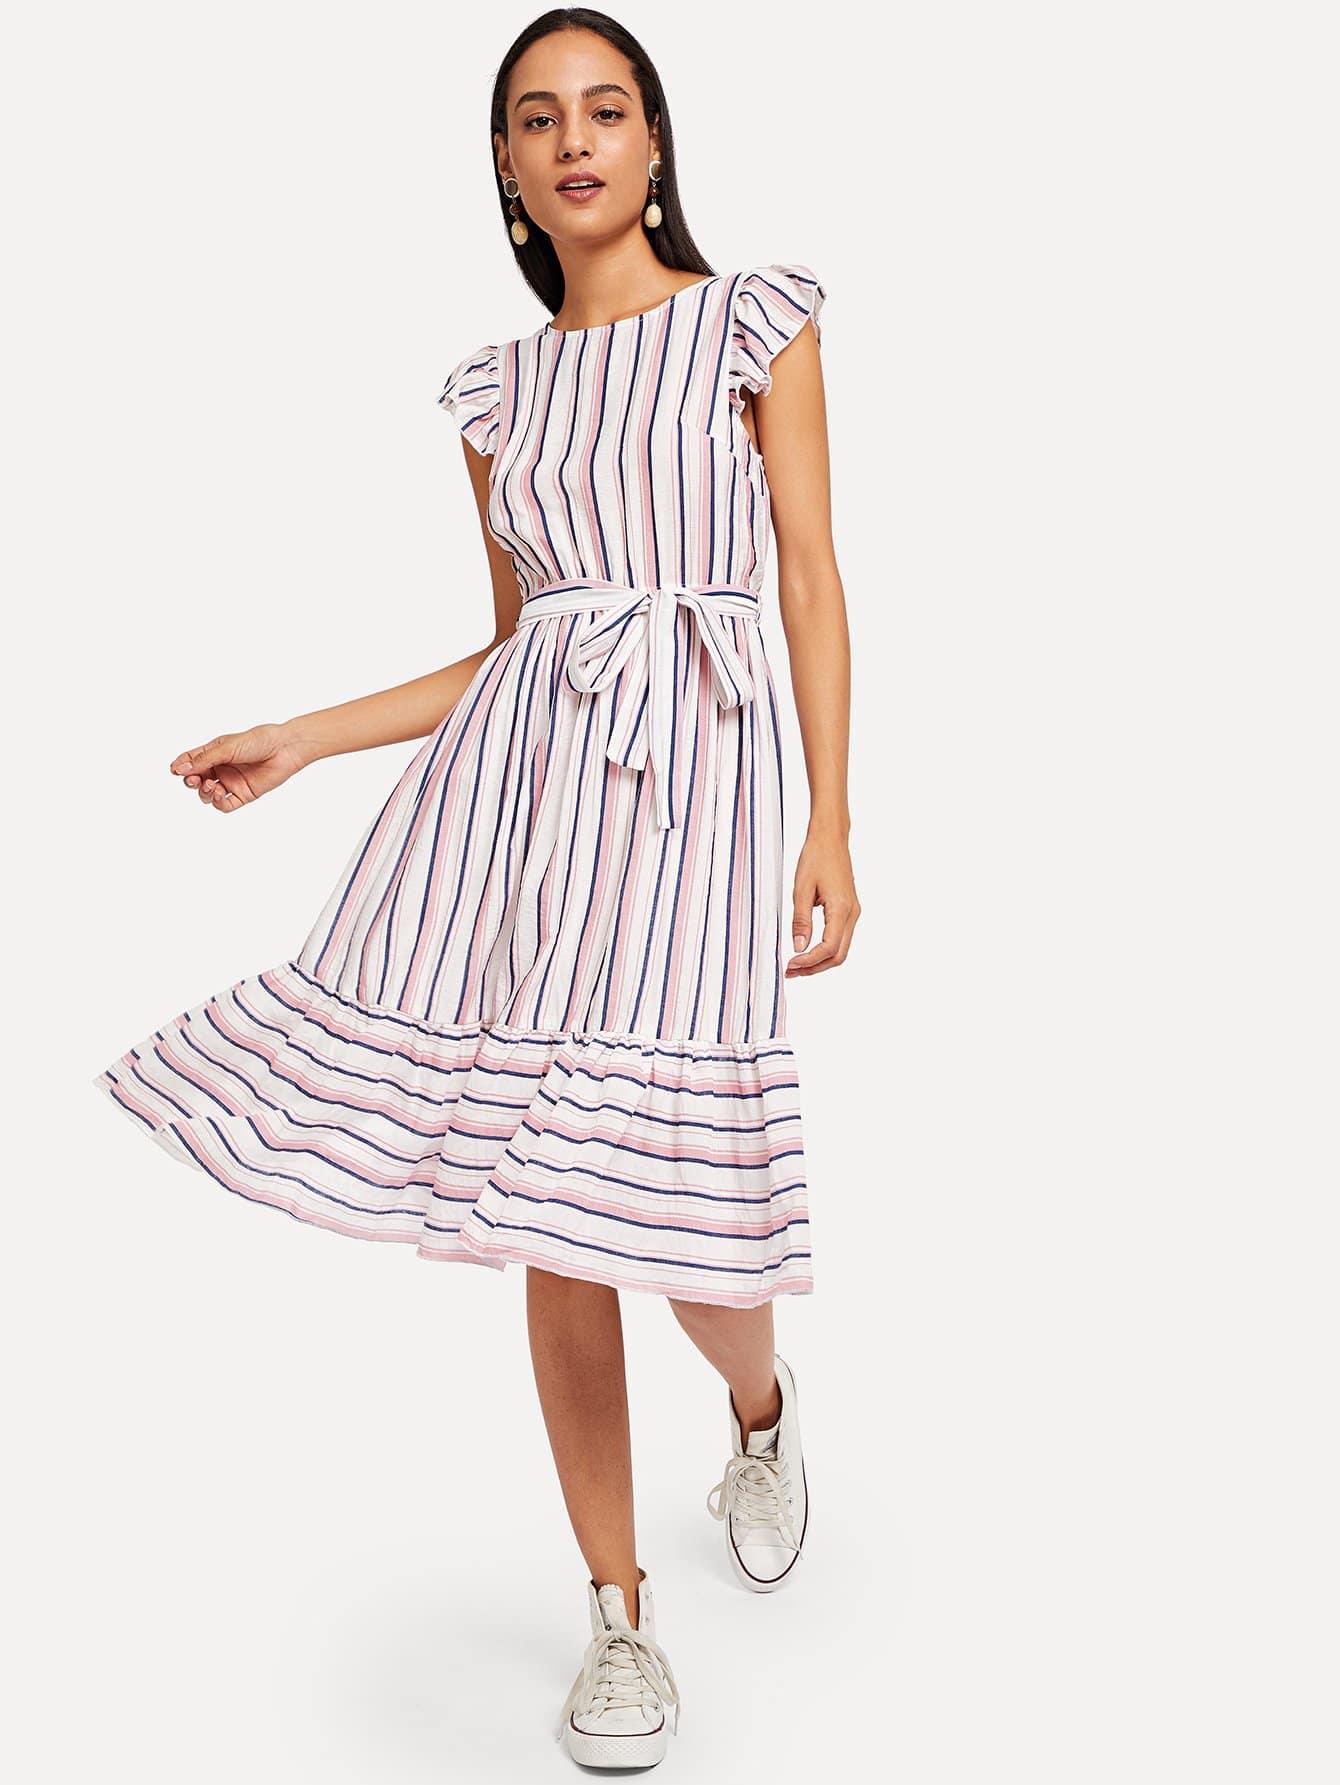 Купить Ruffle Hem Flutter Sleeve с полосатым платьем, Kary, SheIn